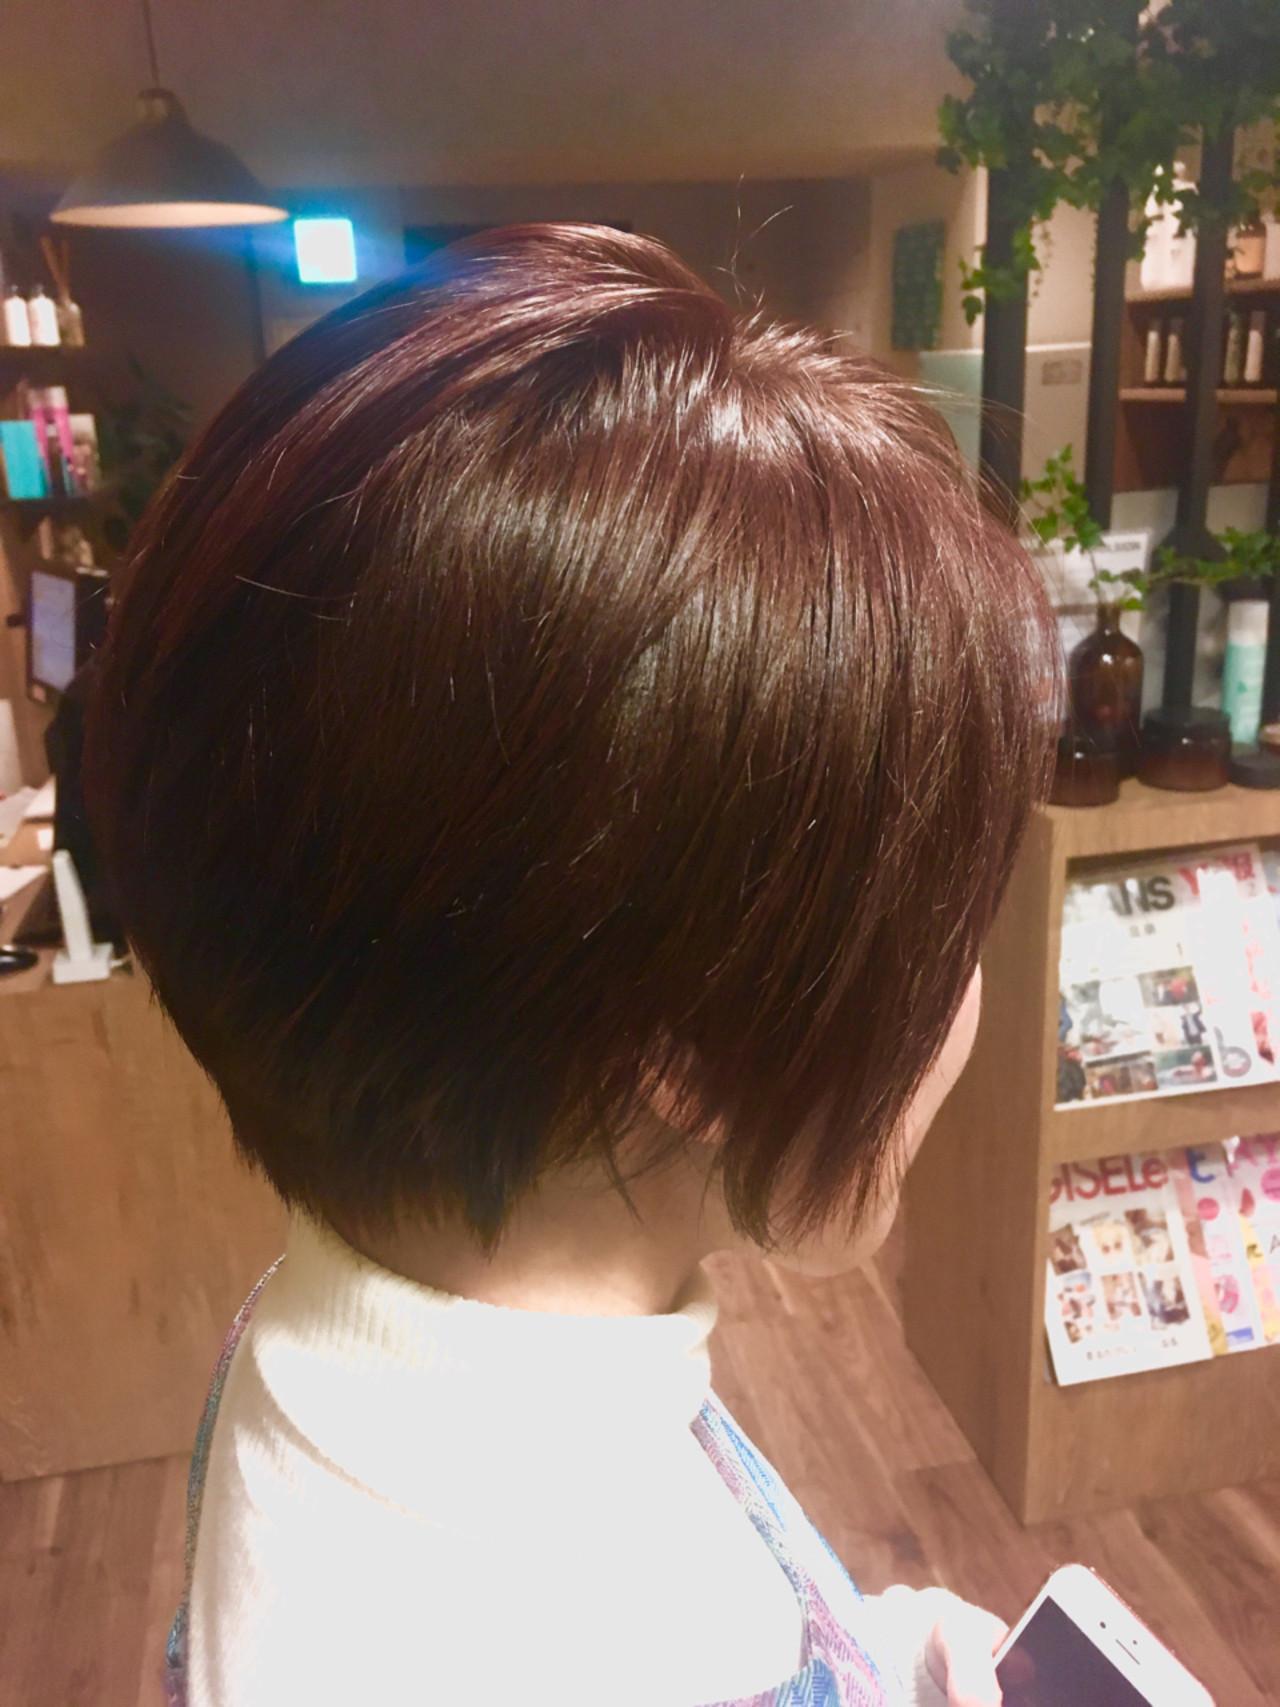 ナチュラル ショート ピンク 外国人風カラー ヘアスタイルや髪型の写真・画像